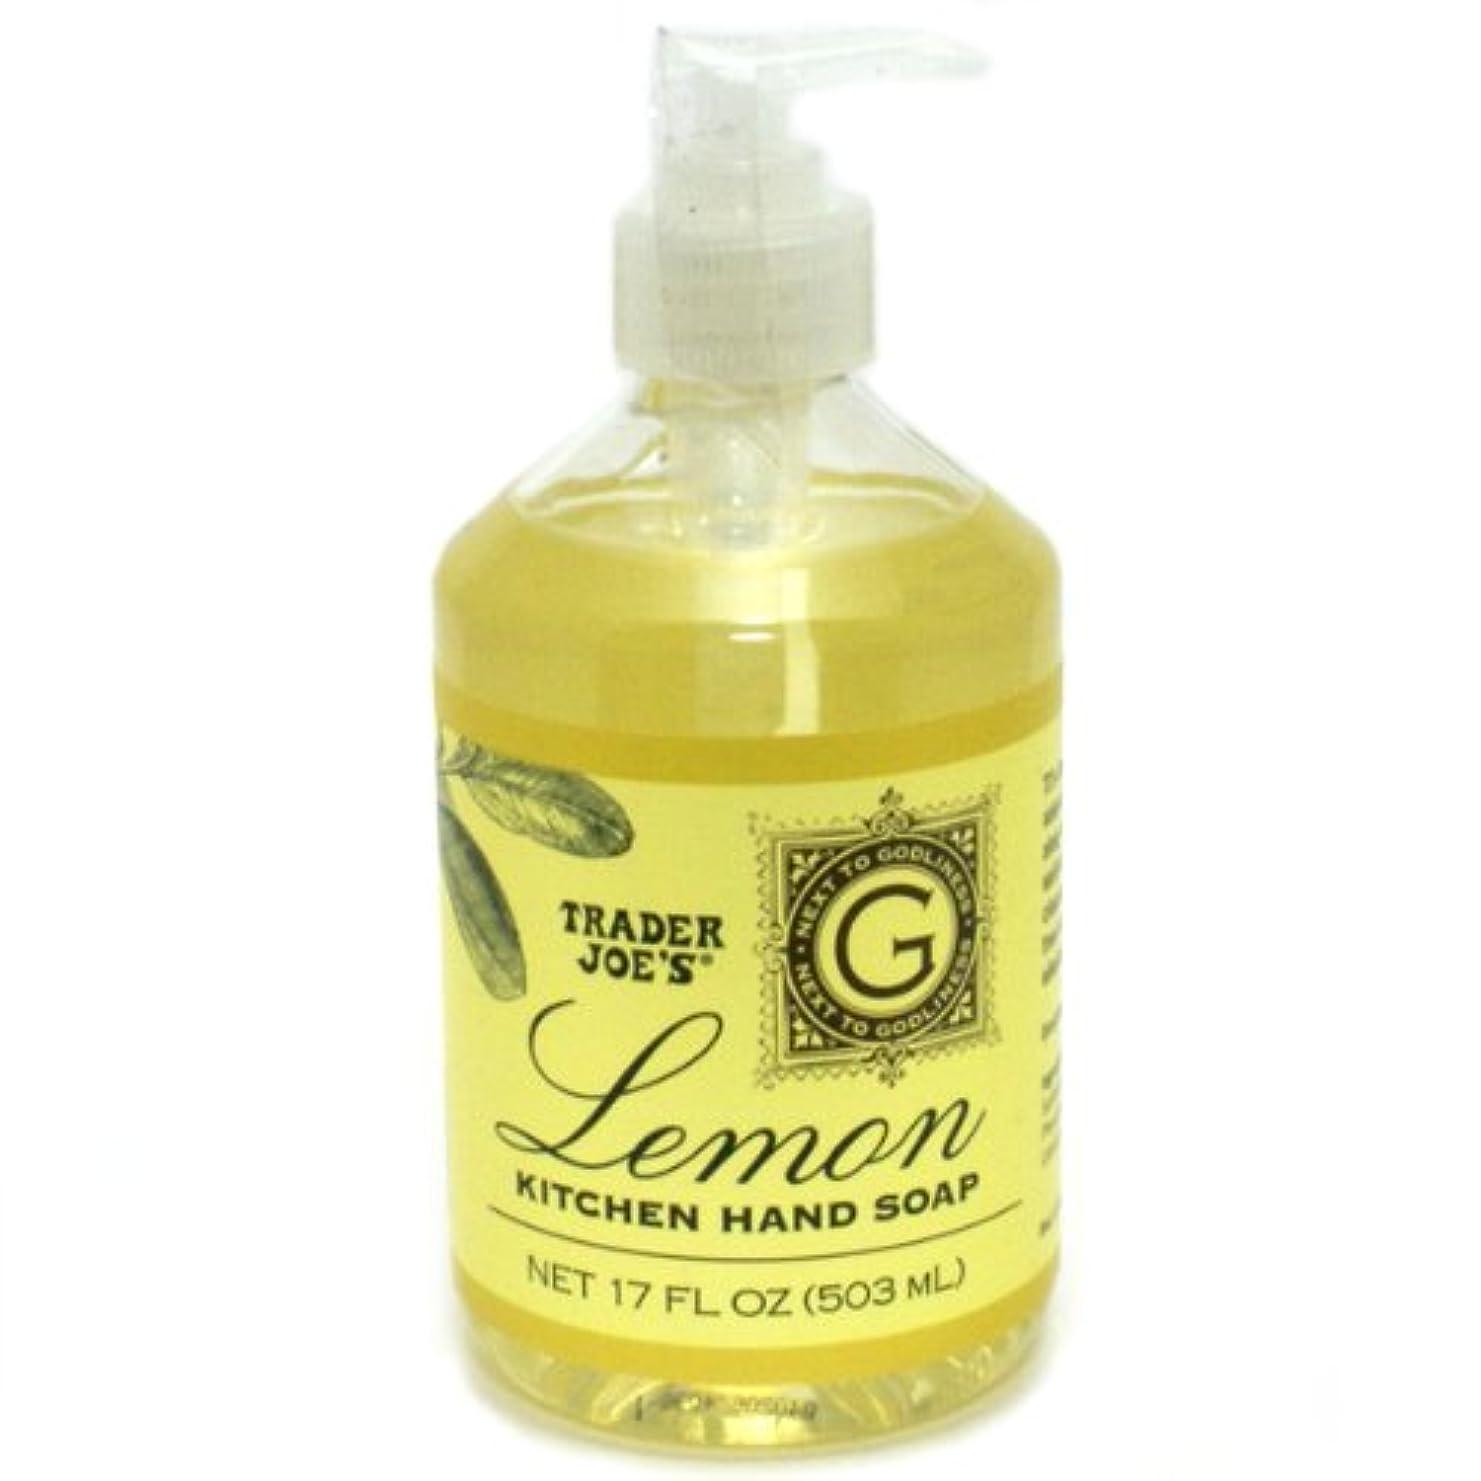 姿を消す談話剛性Trader Joe's トレーダージョーズ KITCHEN HAND SOAP Lemon レモン キッチンハンドソープ [並行輸入品]